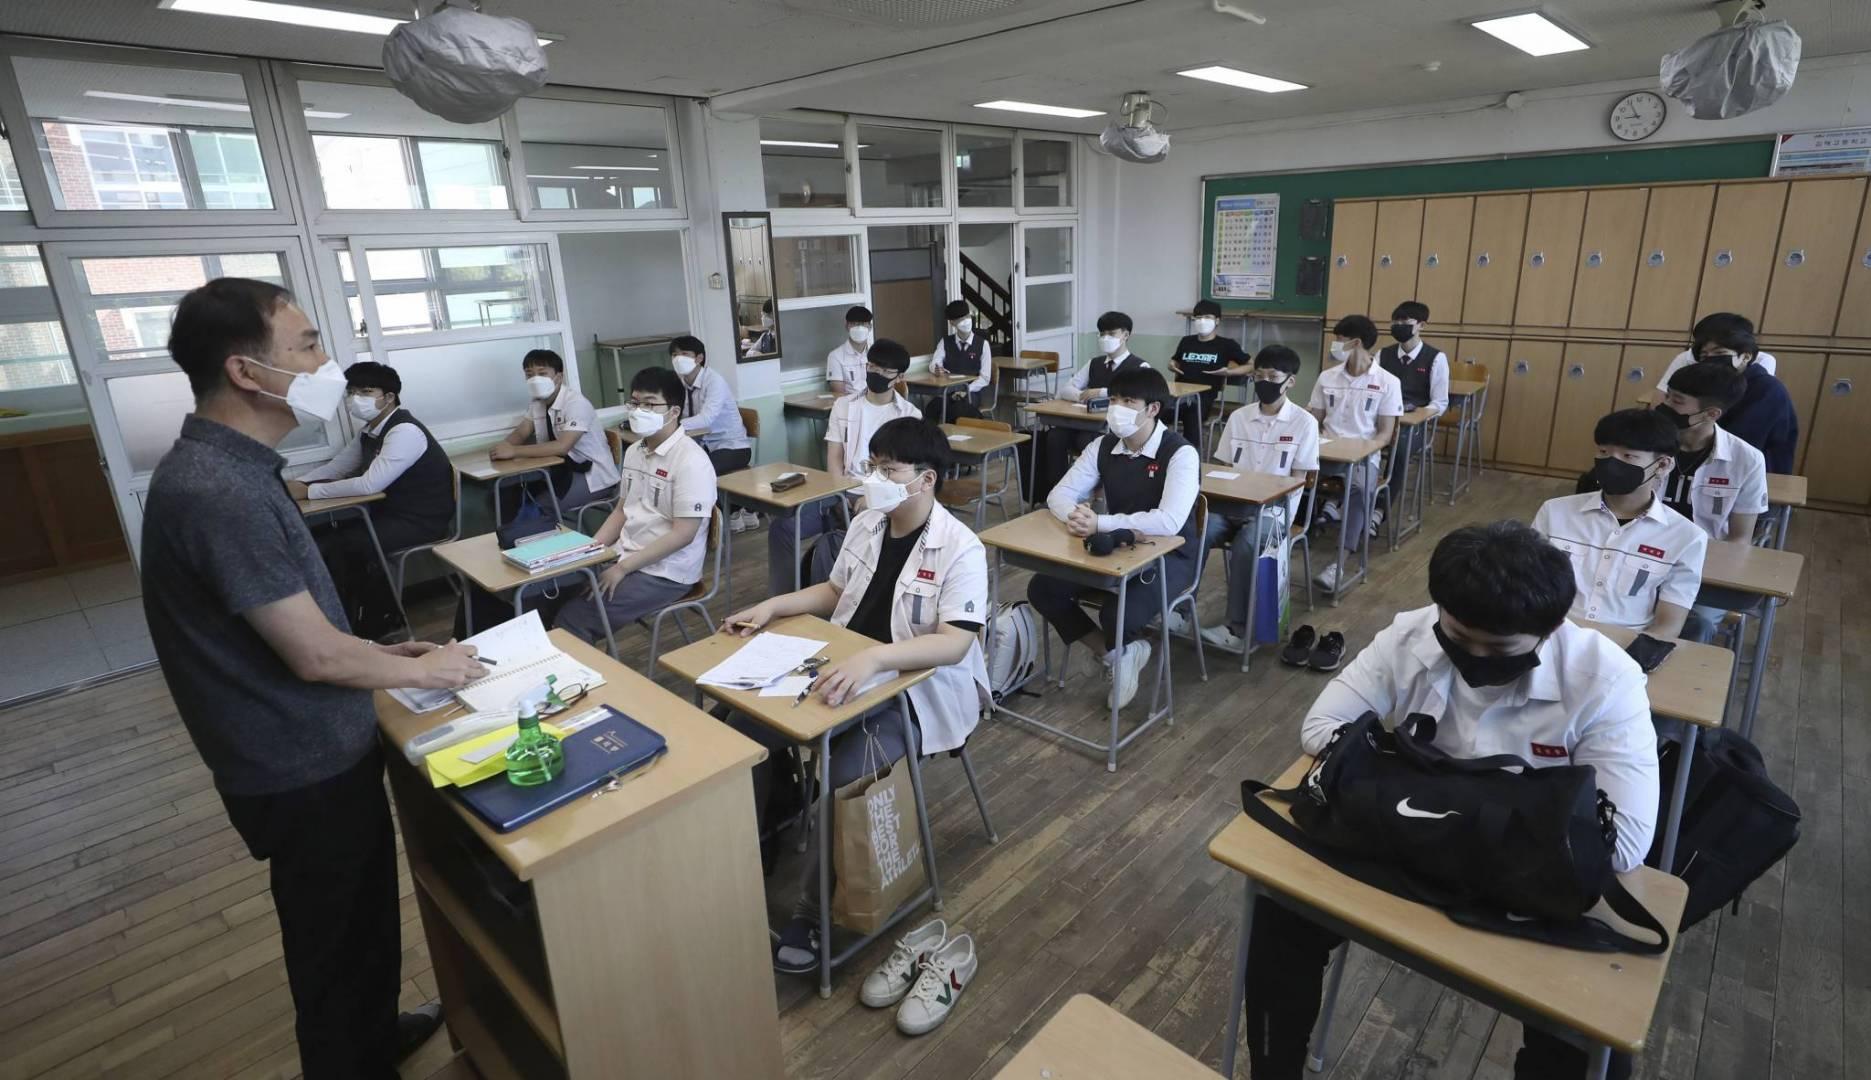 طلاب الثانوية في كوريا الجنوبية يعودون لمدارسهم بـ«الكمامات».. بعد تراجع «كورونا»